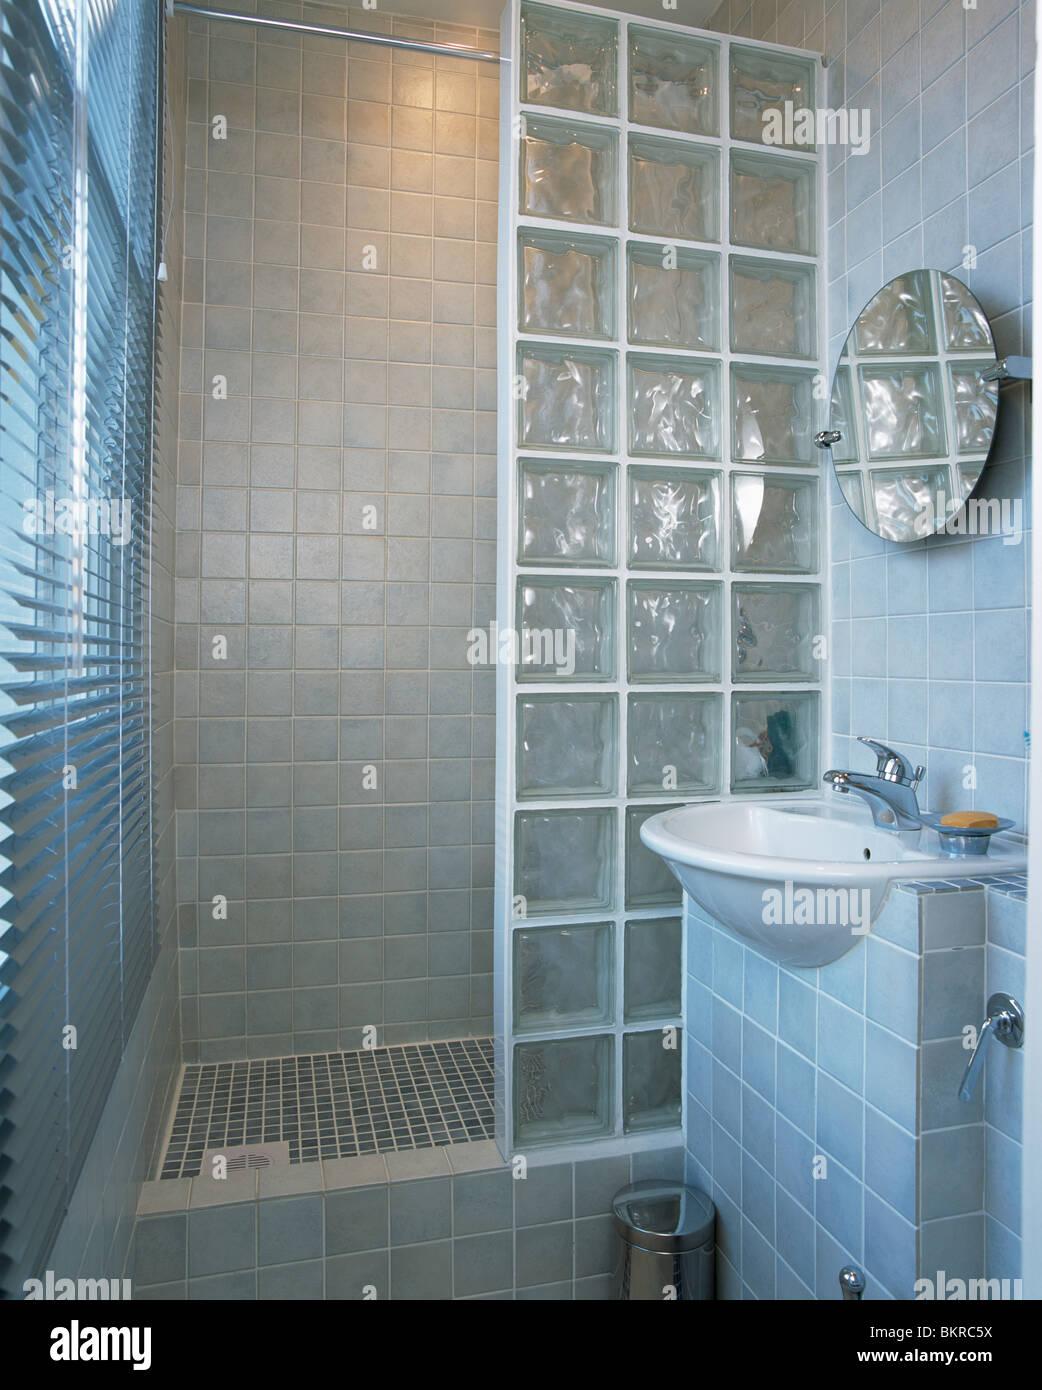 Ducha De Pared De Ladrillos De Vidrio En El Pequeño Baño Moderno Con Cuenca Montada En La Pared Fotografía De Stock Alamy